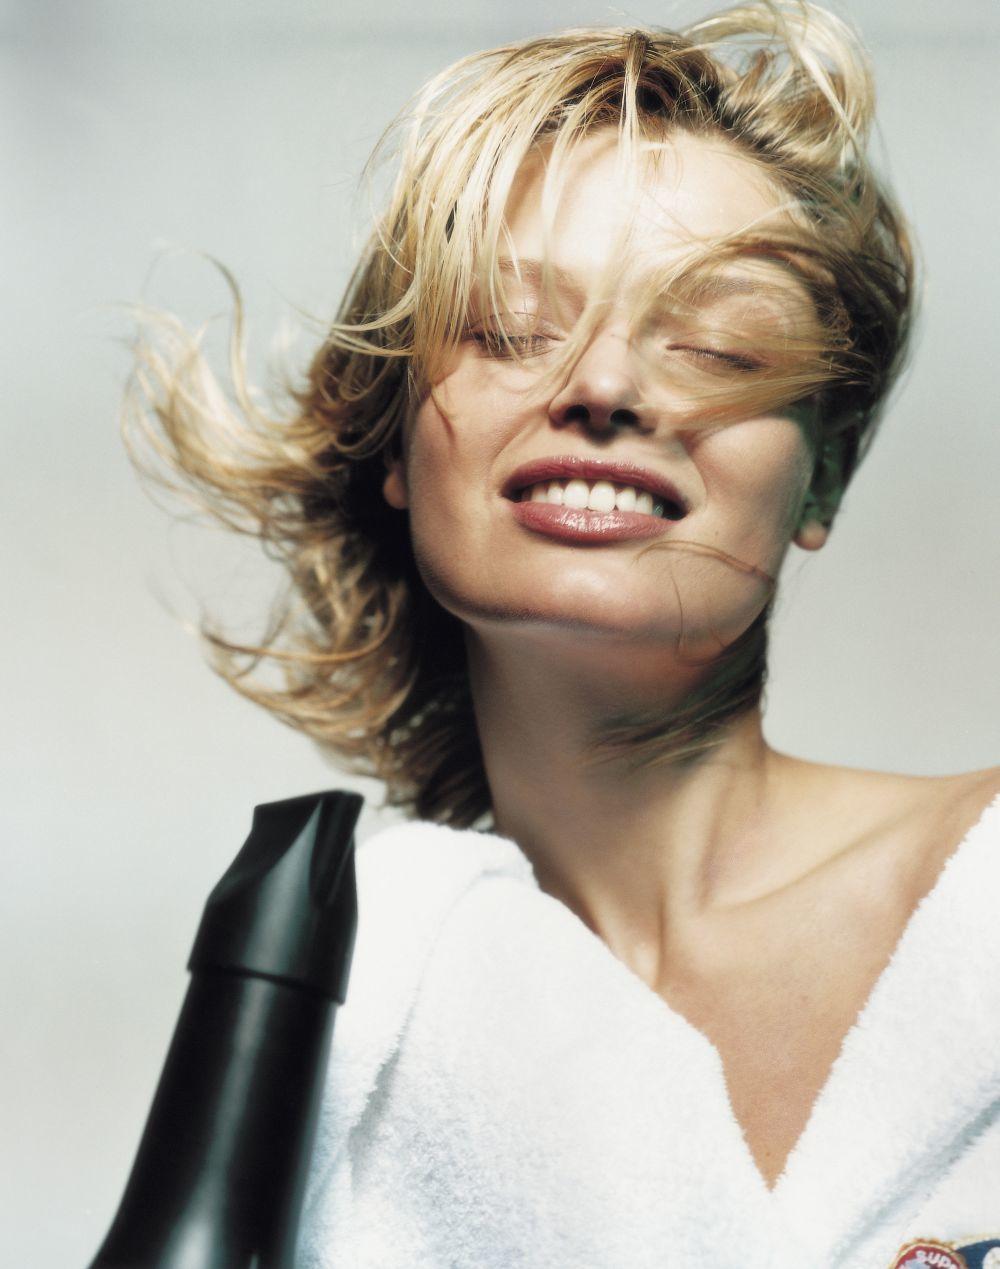 Cuando comiences a sentir que el cabello se calienta, es la señal para comenzar a peinar con el calor del secador y la ayuda de un cepillo redondo o de pala.